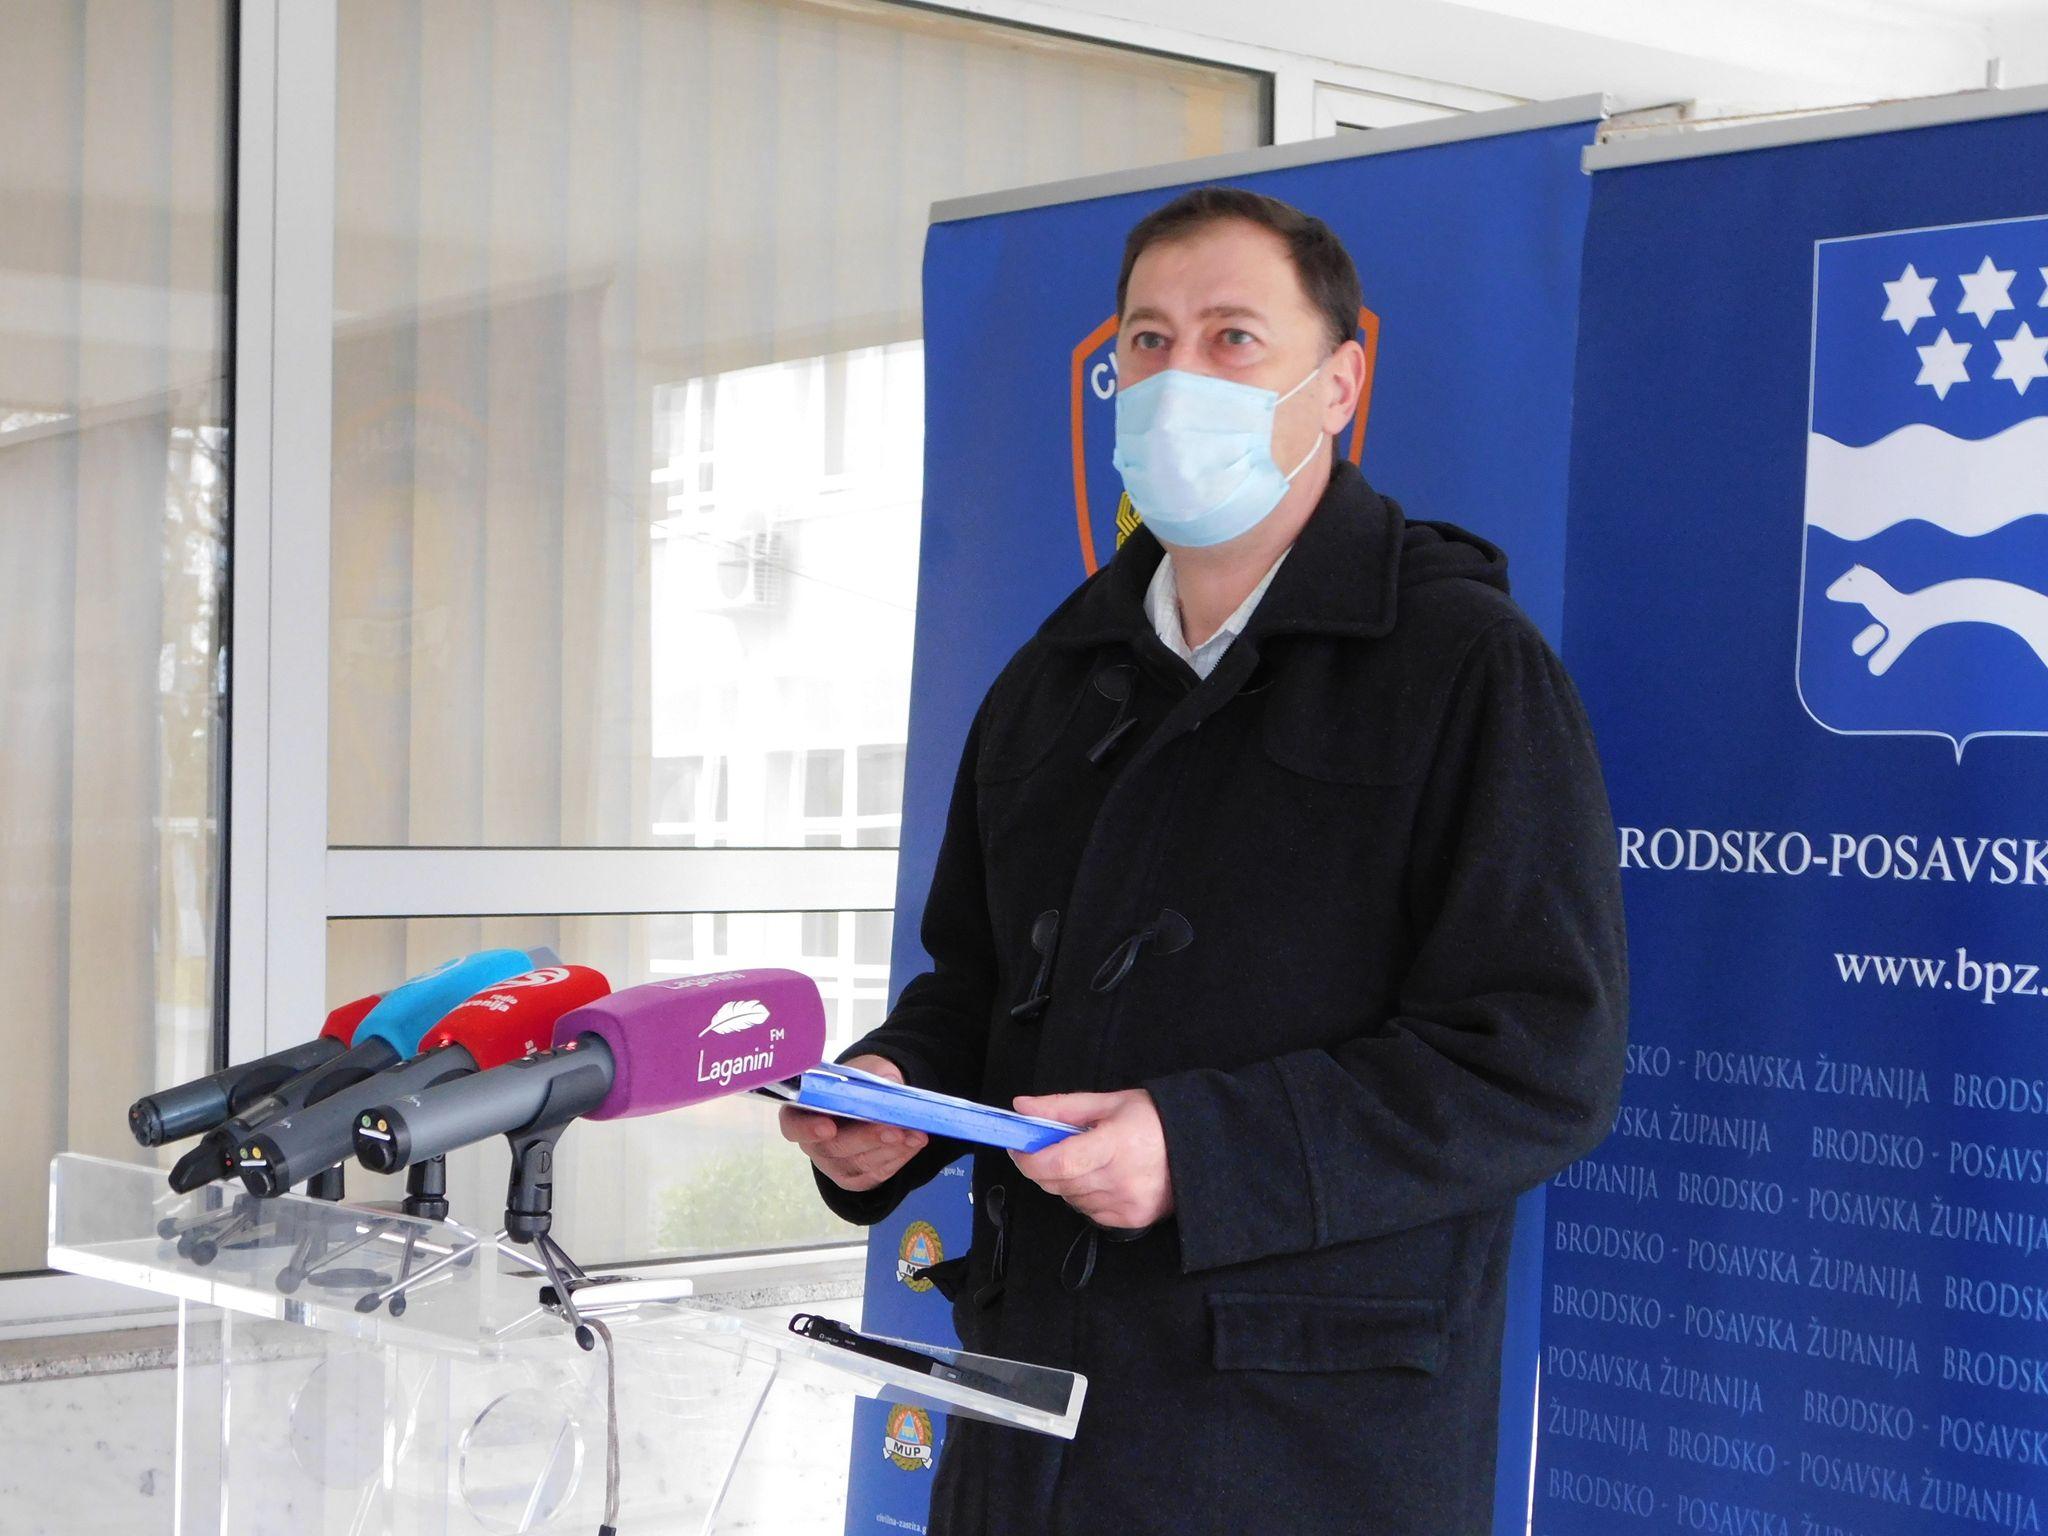 U Brodsko-posavskoj županiji danas 4 nove pozitivne osobe